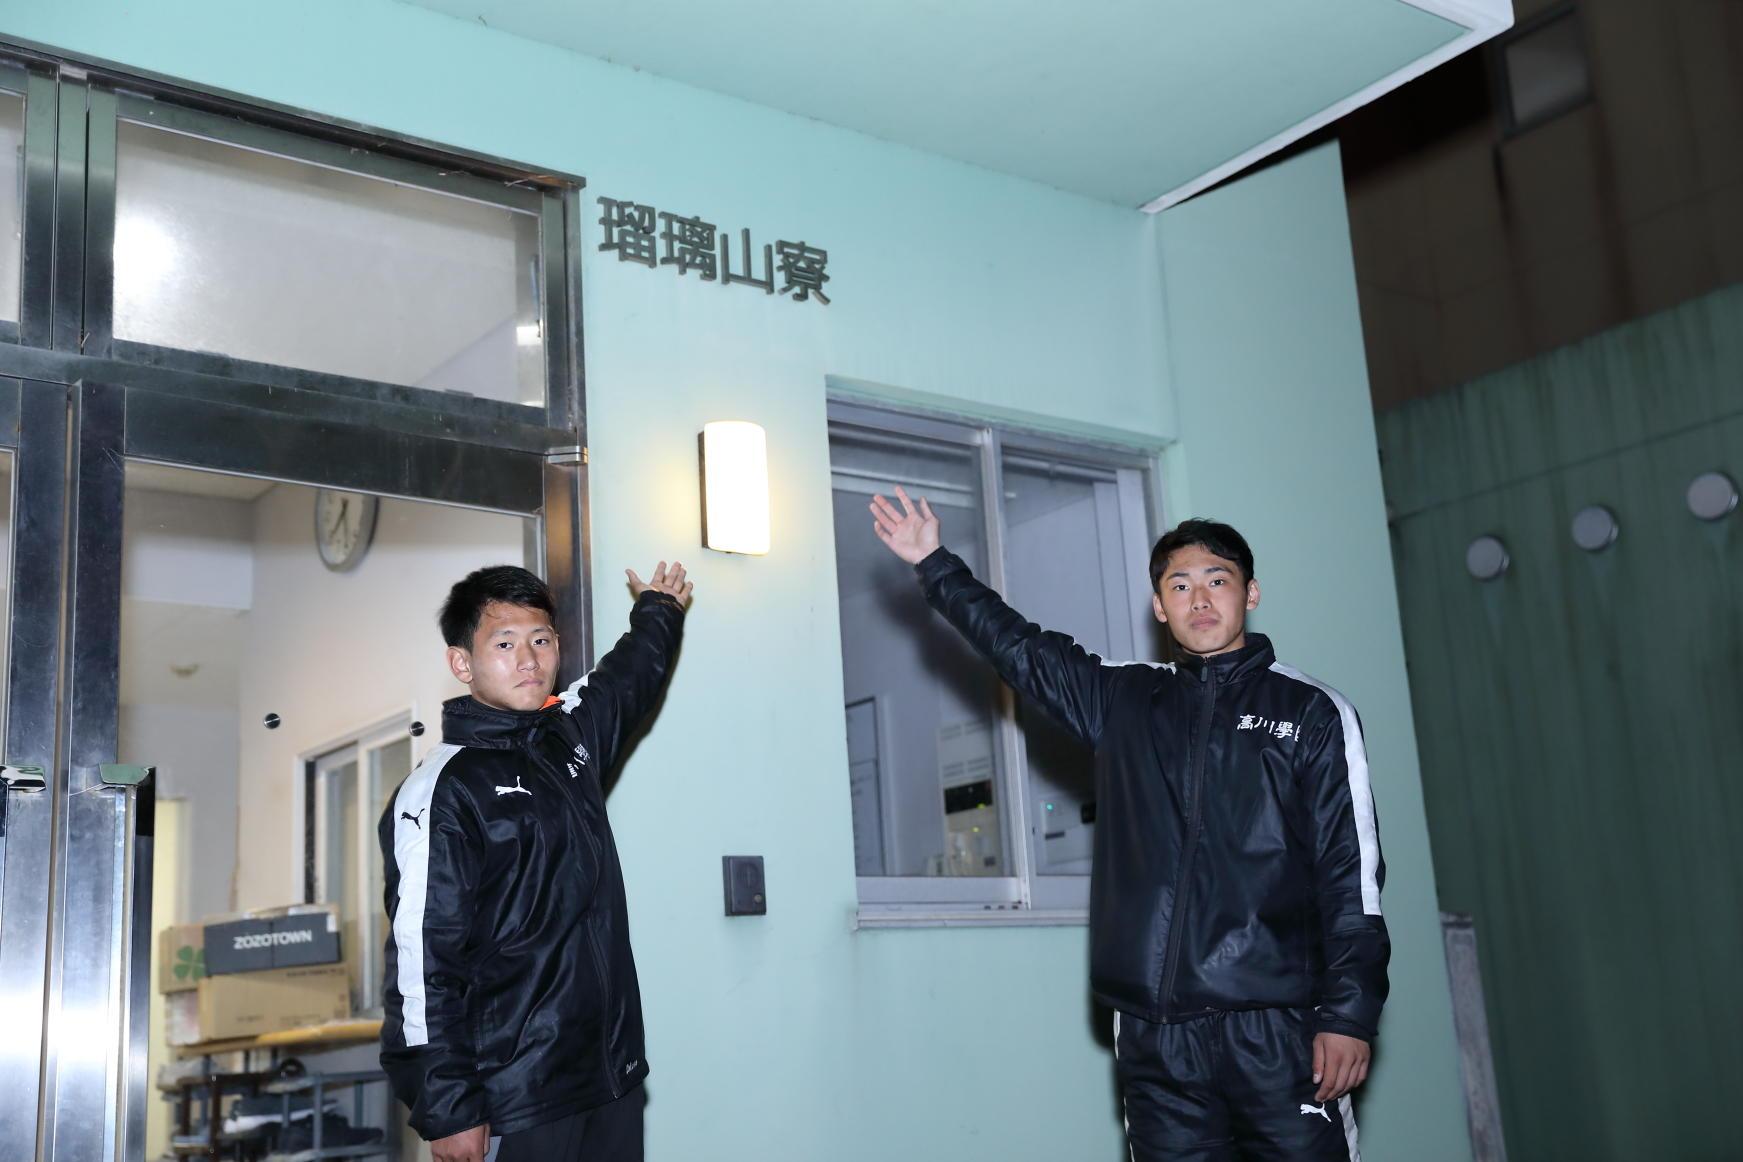 月に一度は山口名物の瓦そば!?中国地方屈指の伝統校・高川学園はストイックな毎日と身体作りに対する意識の高さが強さの秘訣